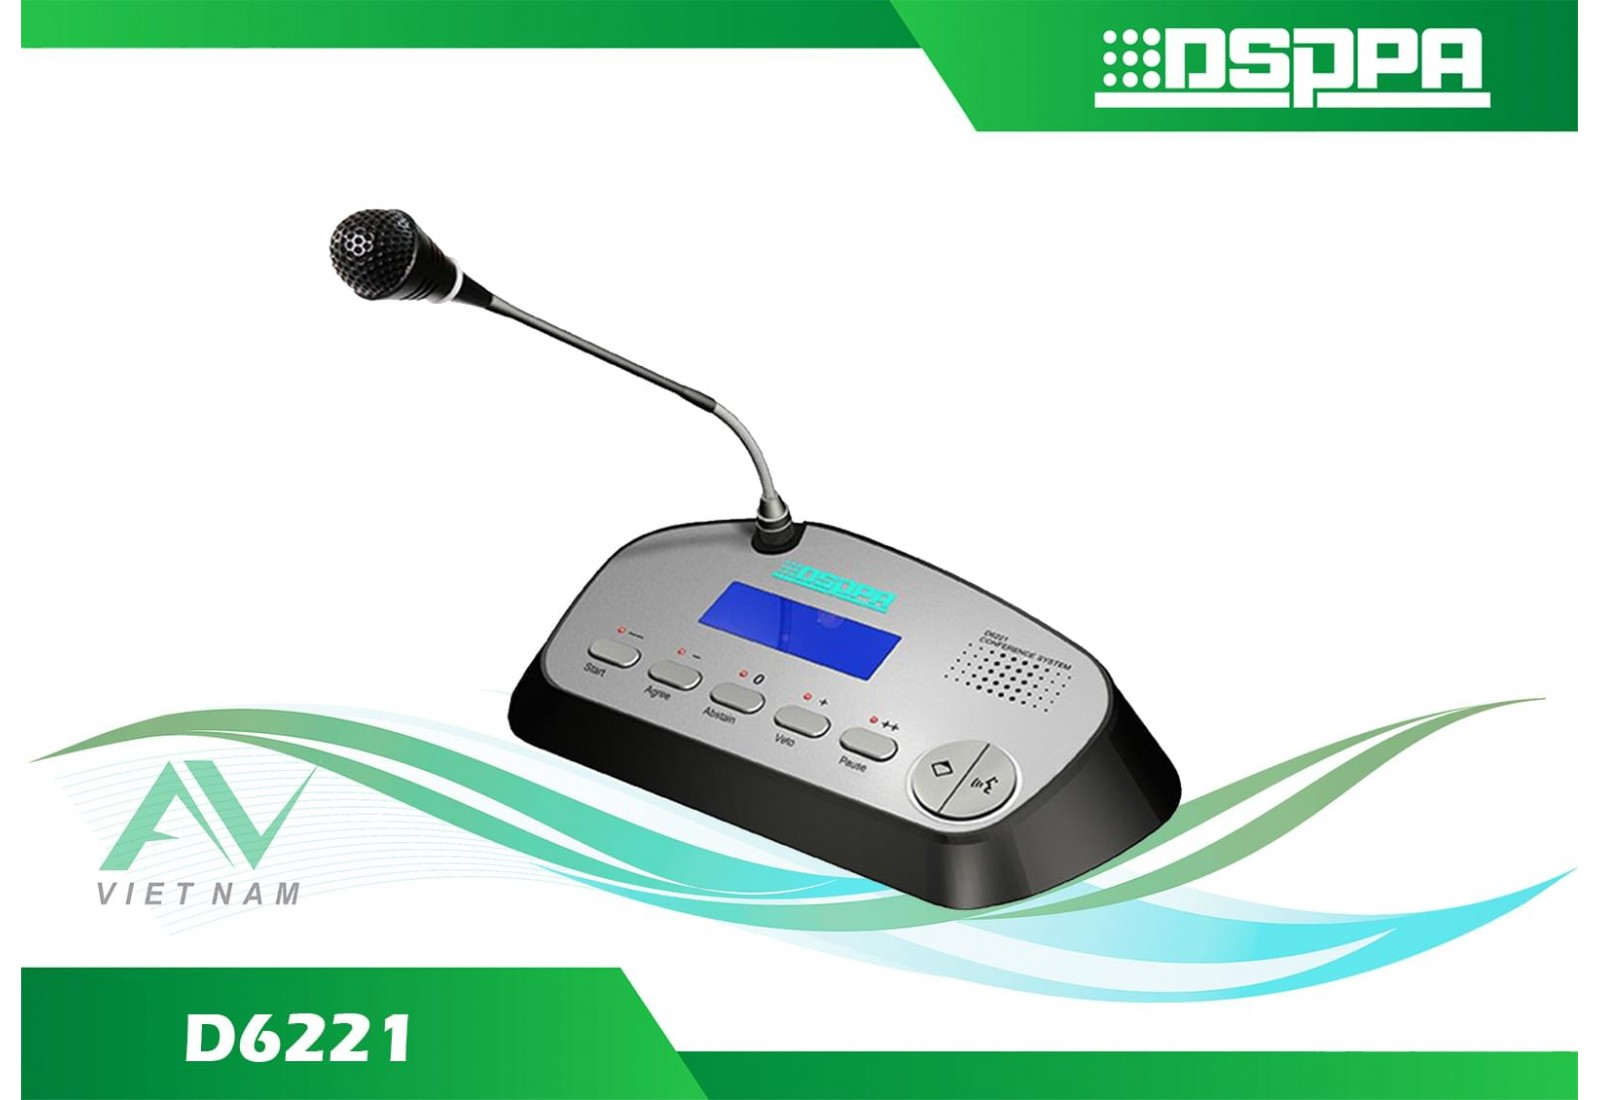 DSPPA D6221 - Micro chủ tọa có dây tích hợp chức năng bỏ phiếu